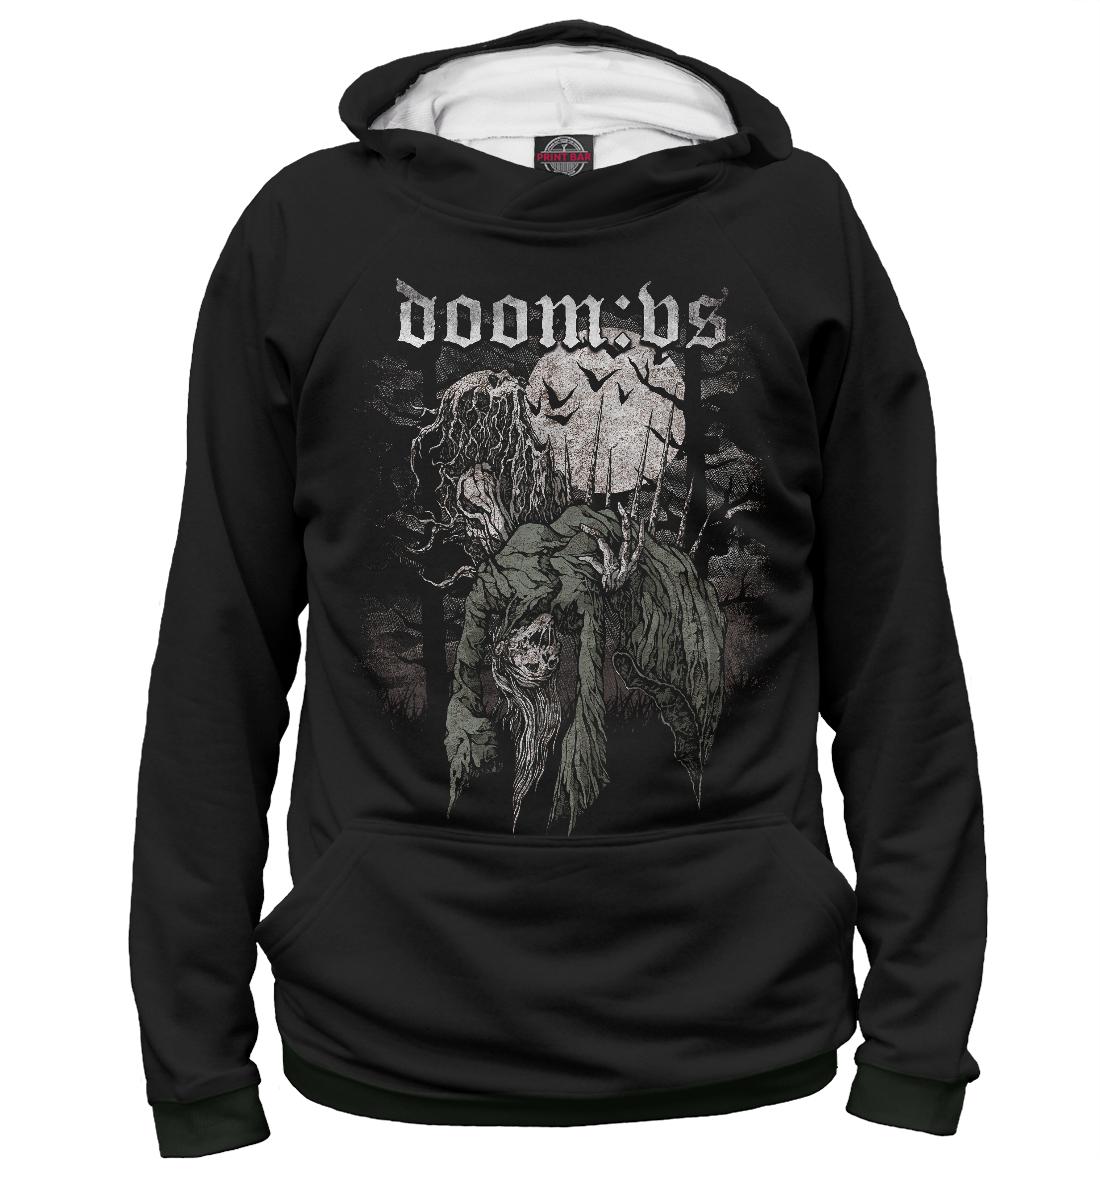 Doom: VS, Printbar, Худи, MZK-398860-hud-2  - купить со скидкой